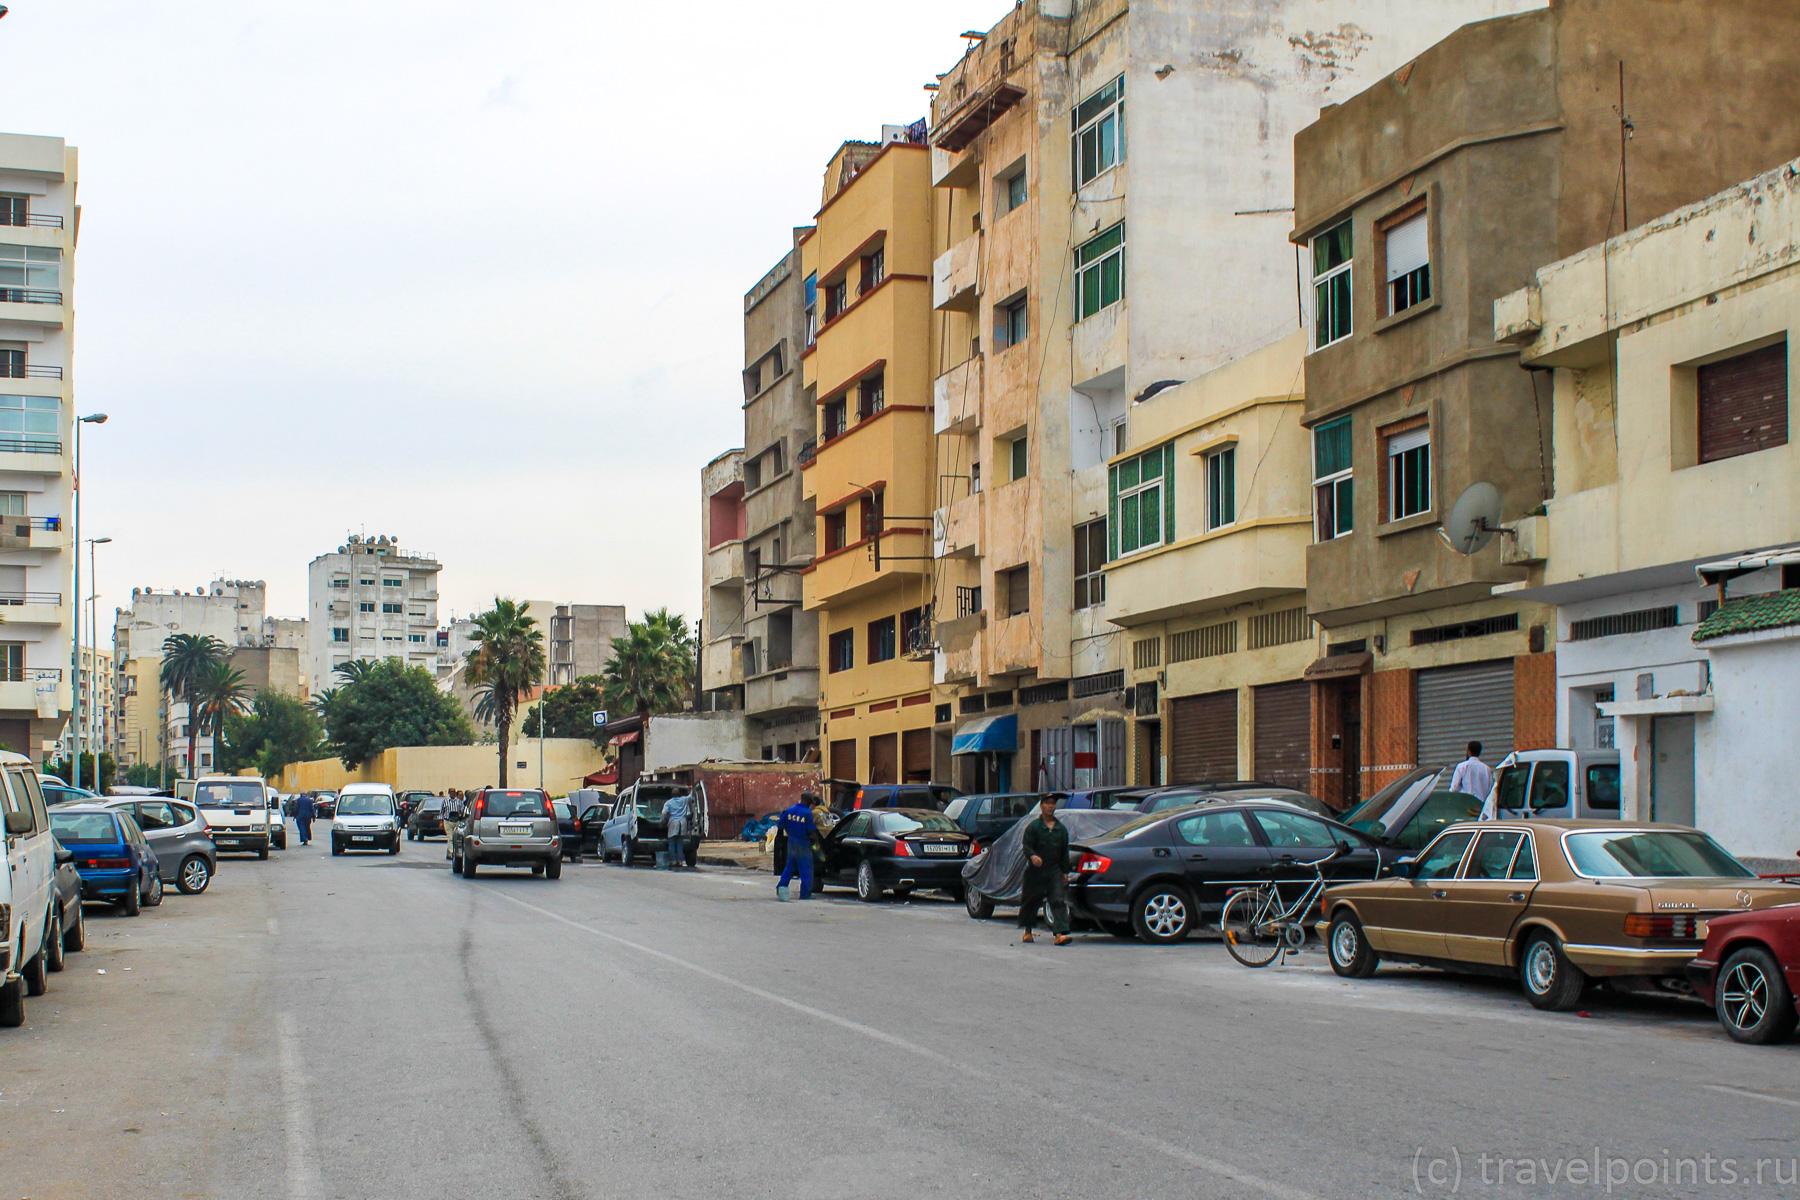 Улицы выглядят довольно обшарпанно